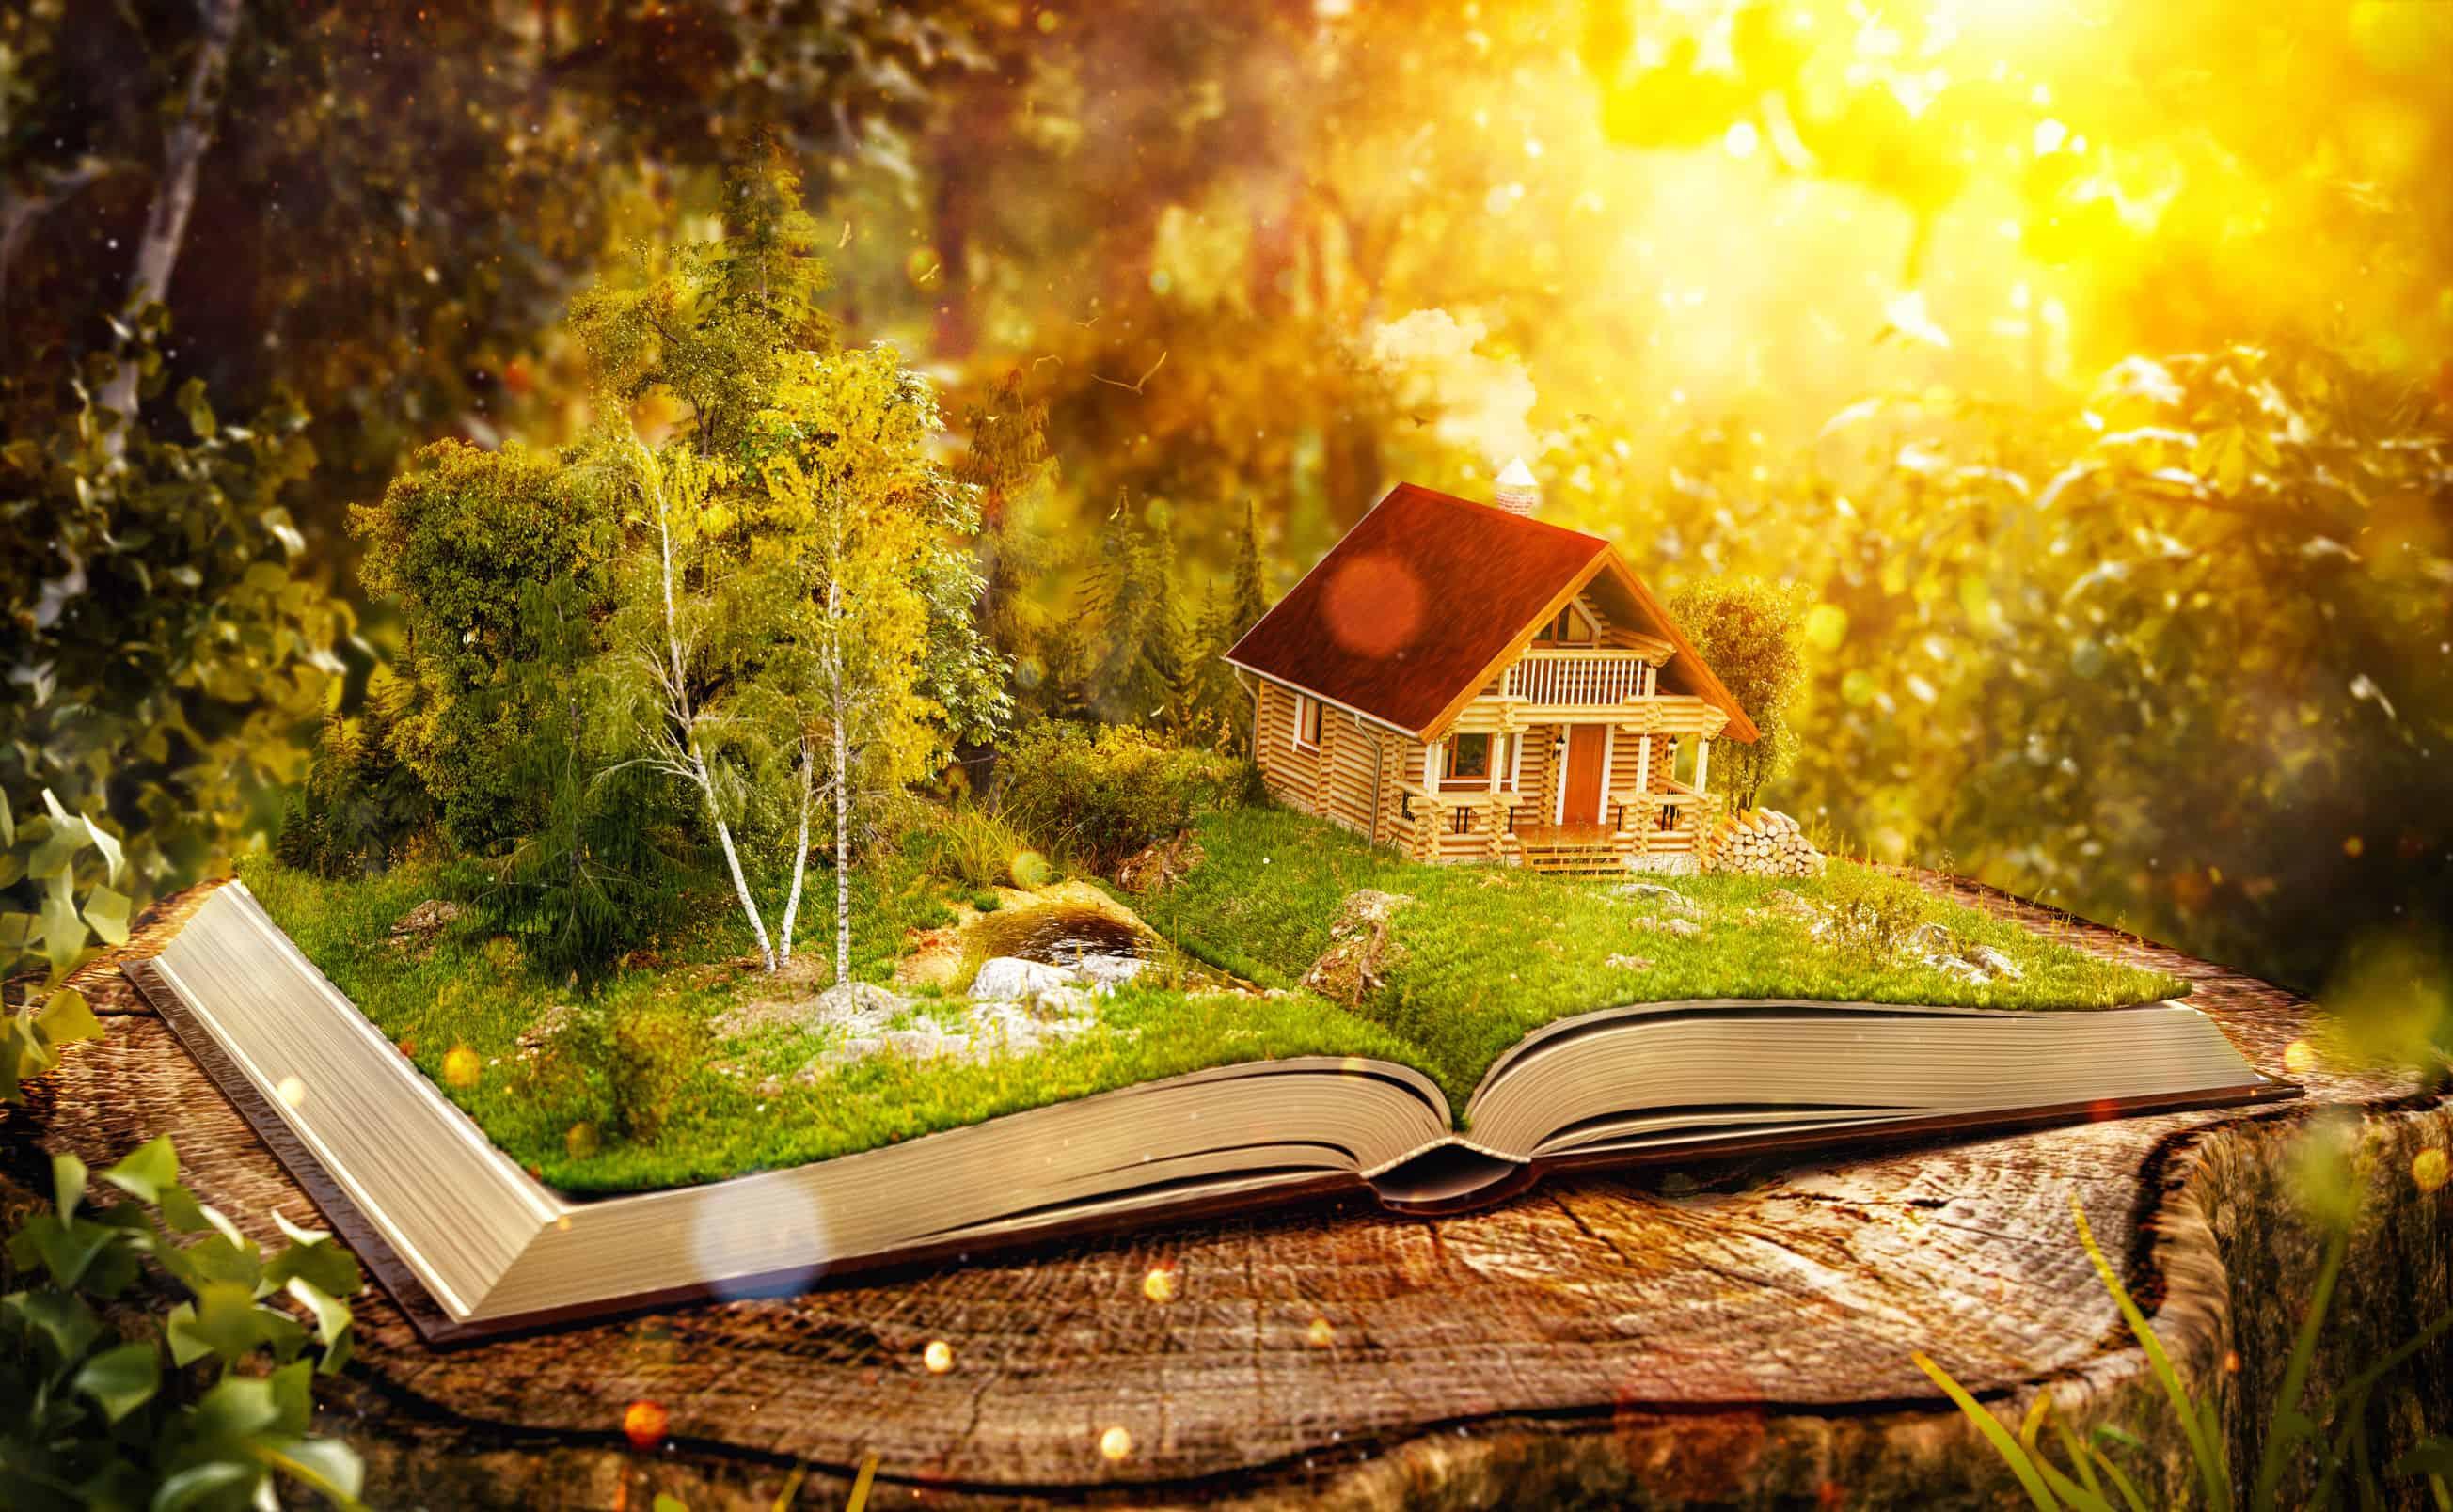 Imagem de livro aberto com casa e floresta.